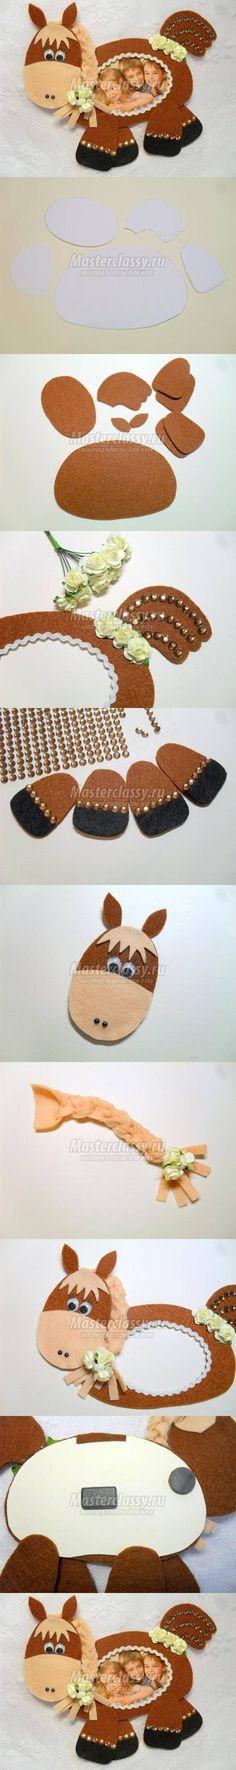 DIY Felt Horse Picture Frame DIY Projects | UsefulDIY.com